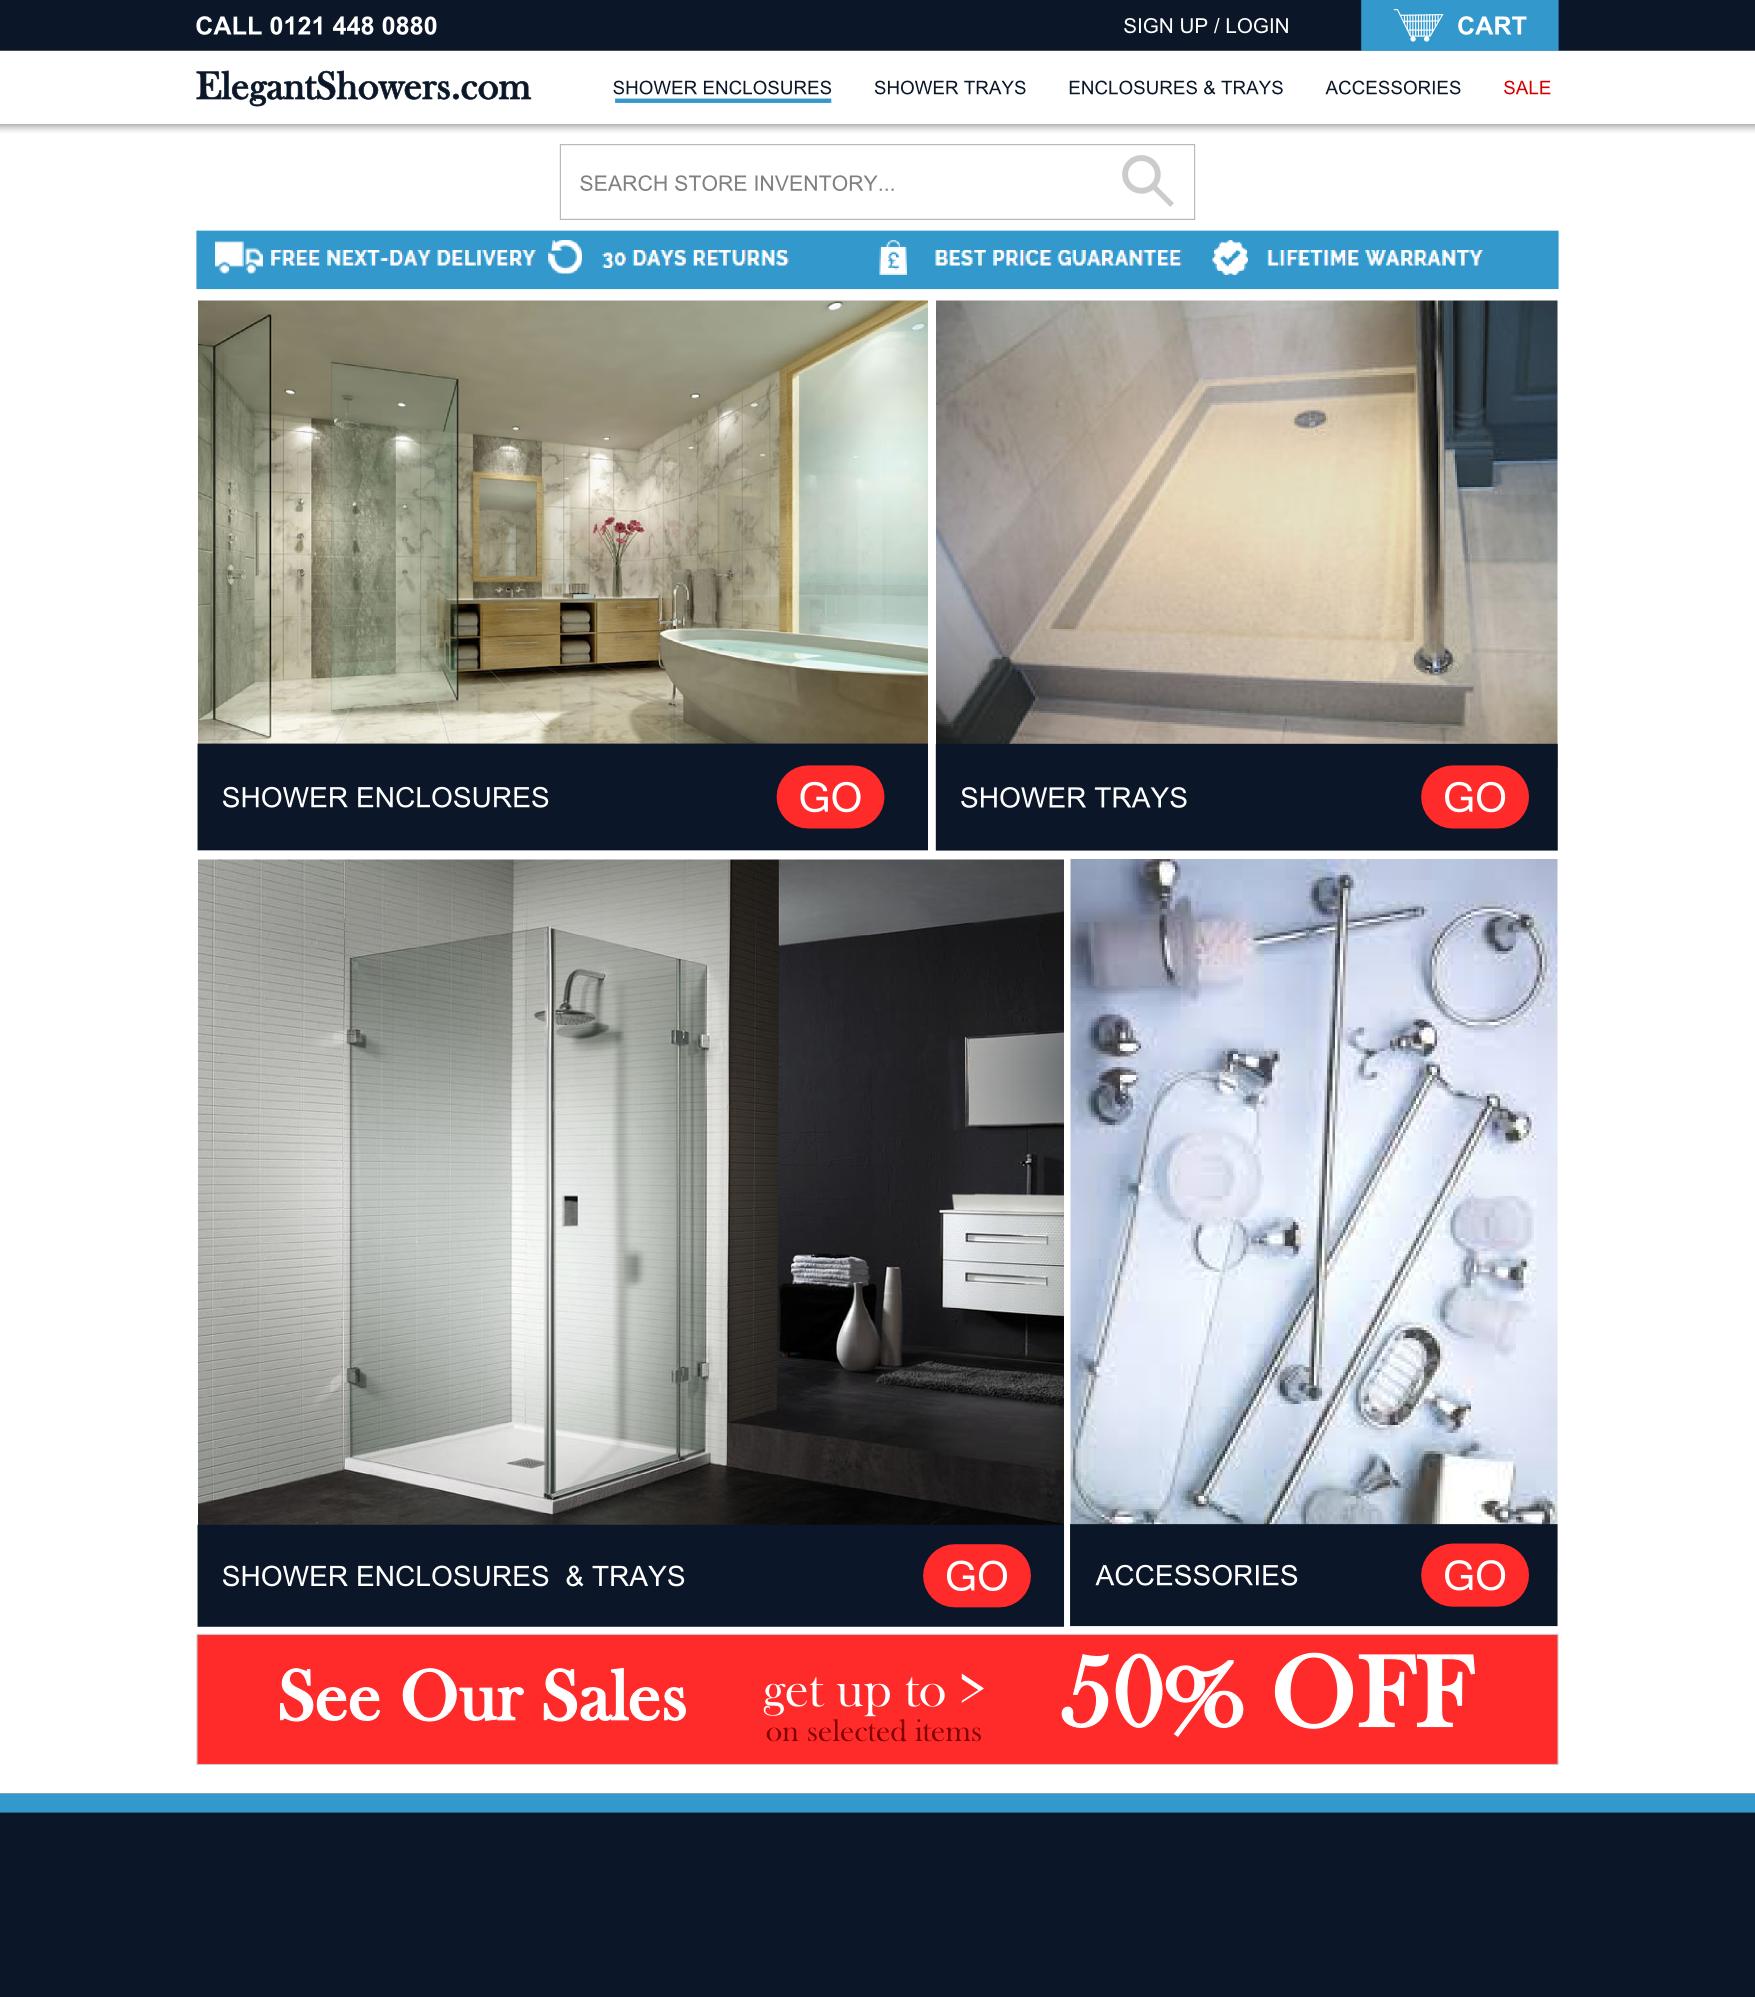 elegant showers web design mockup